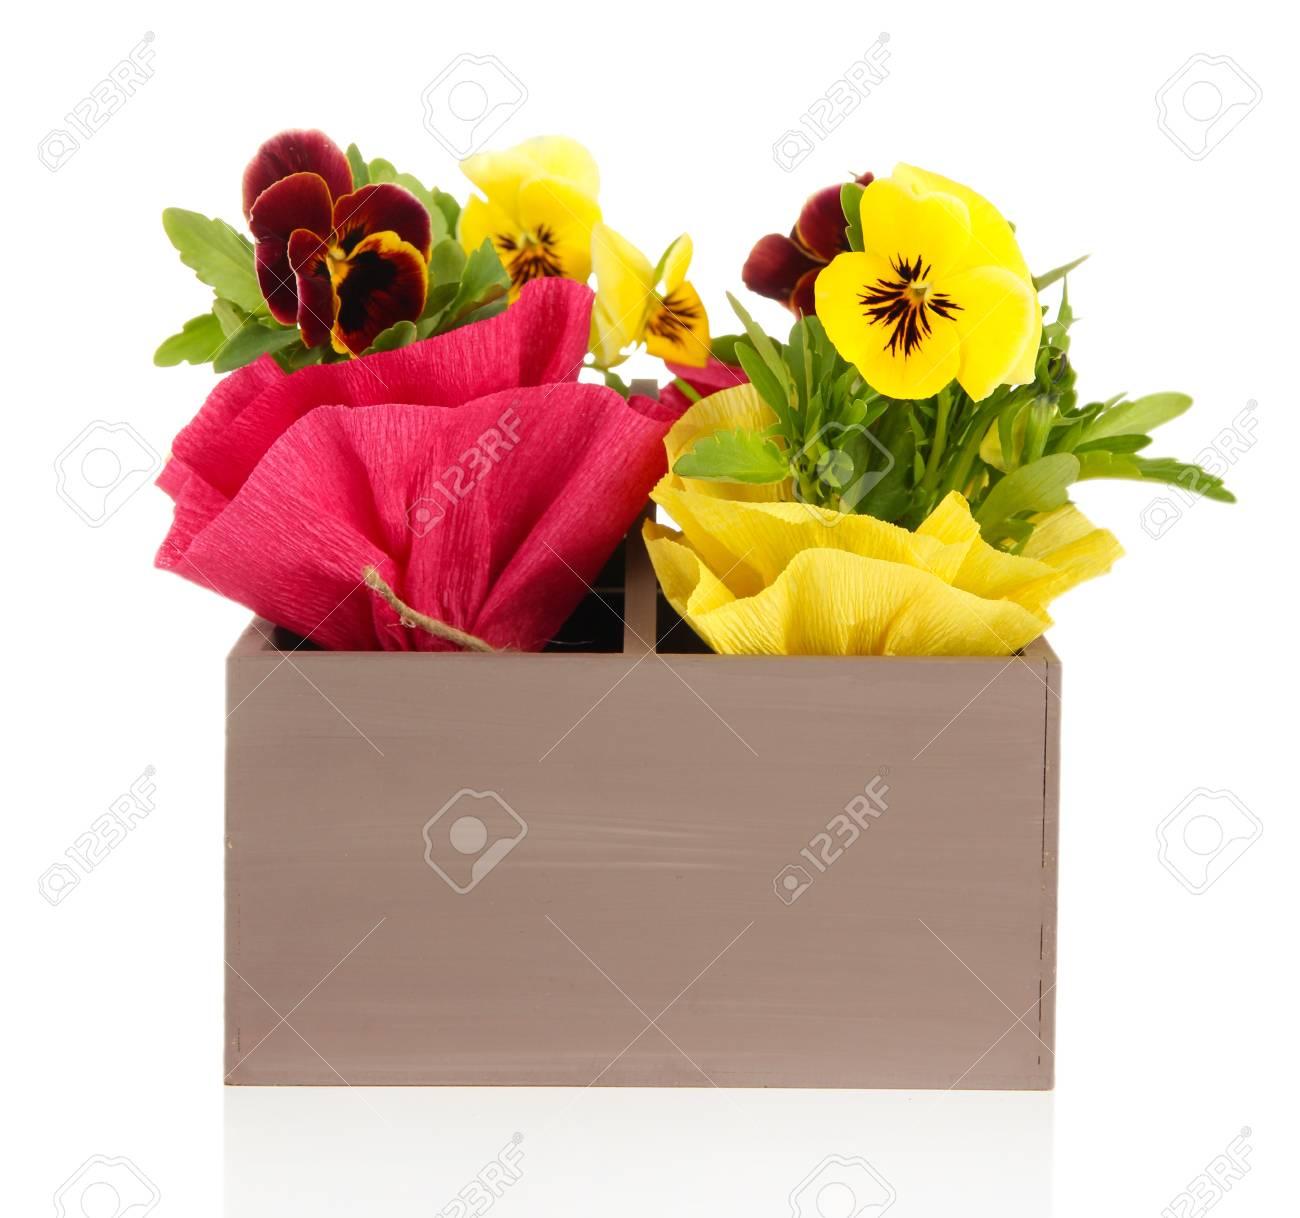 Mooie Houten Box.Mooie Viooltjes Bloemen In Houten Kist Op Wit Wordt Geisoleerd